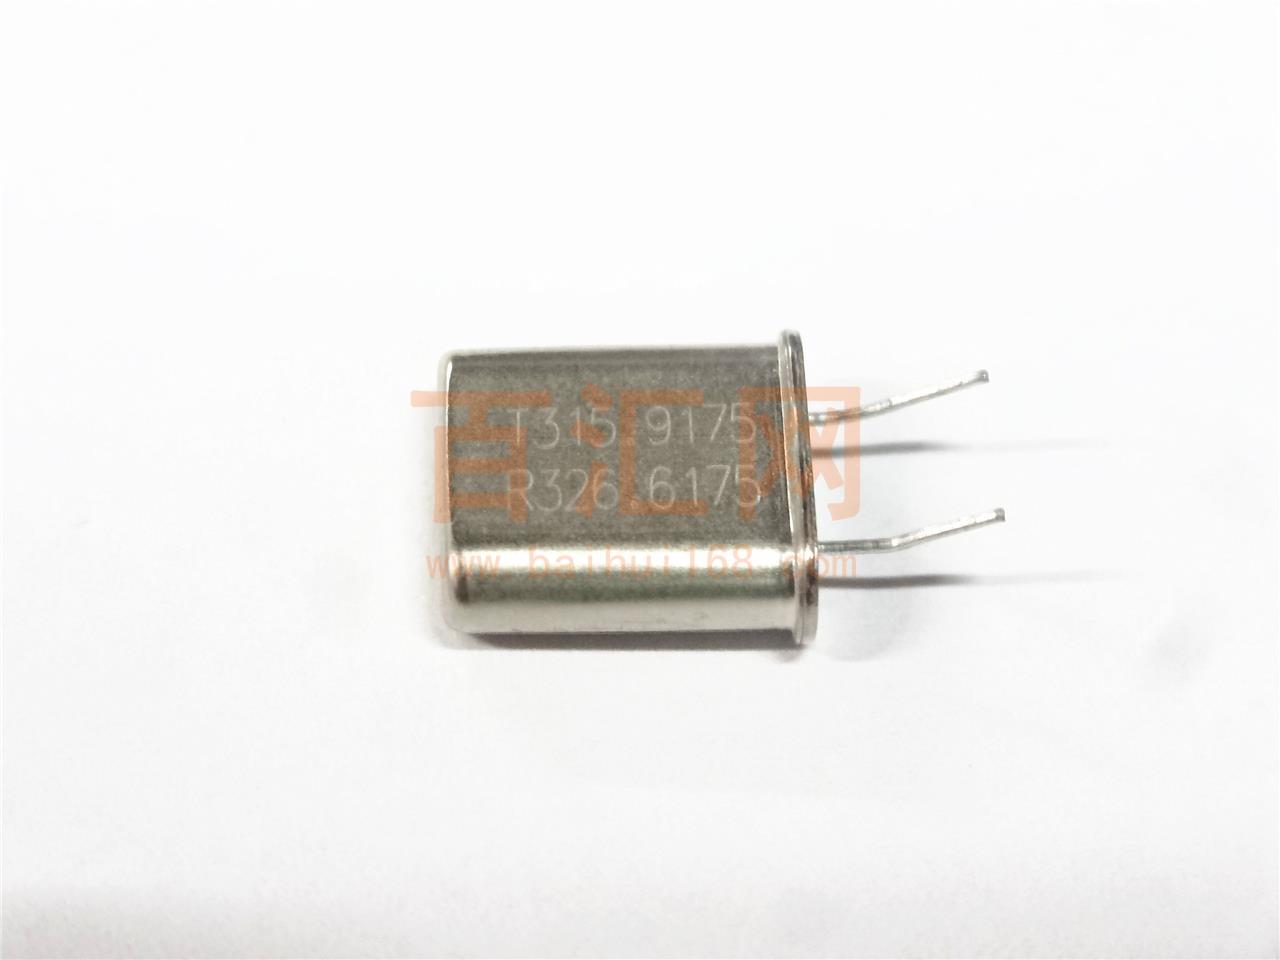 禹鼎f21-e1b 吊机遥控器晶振